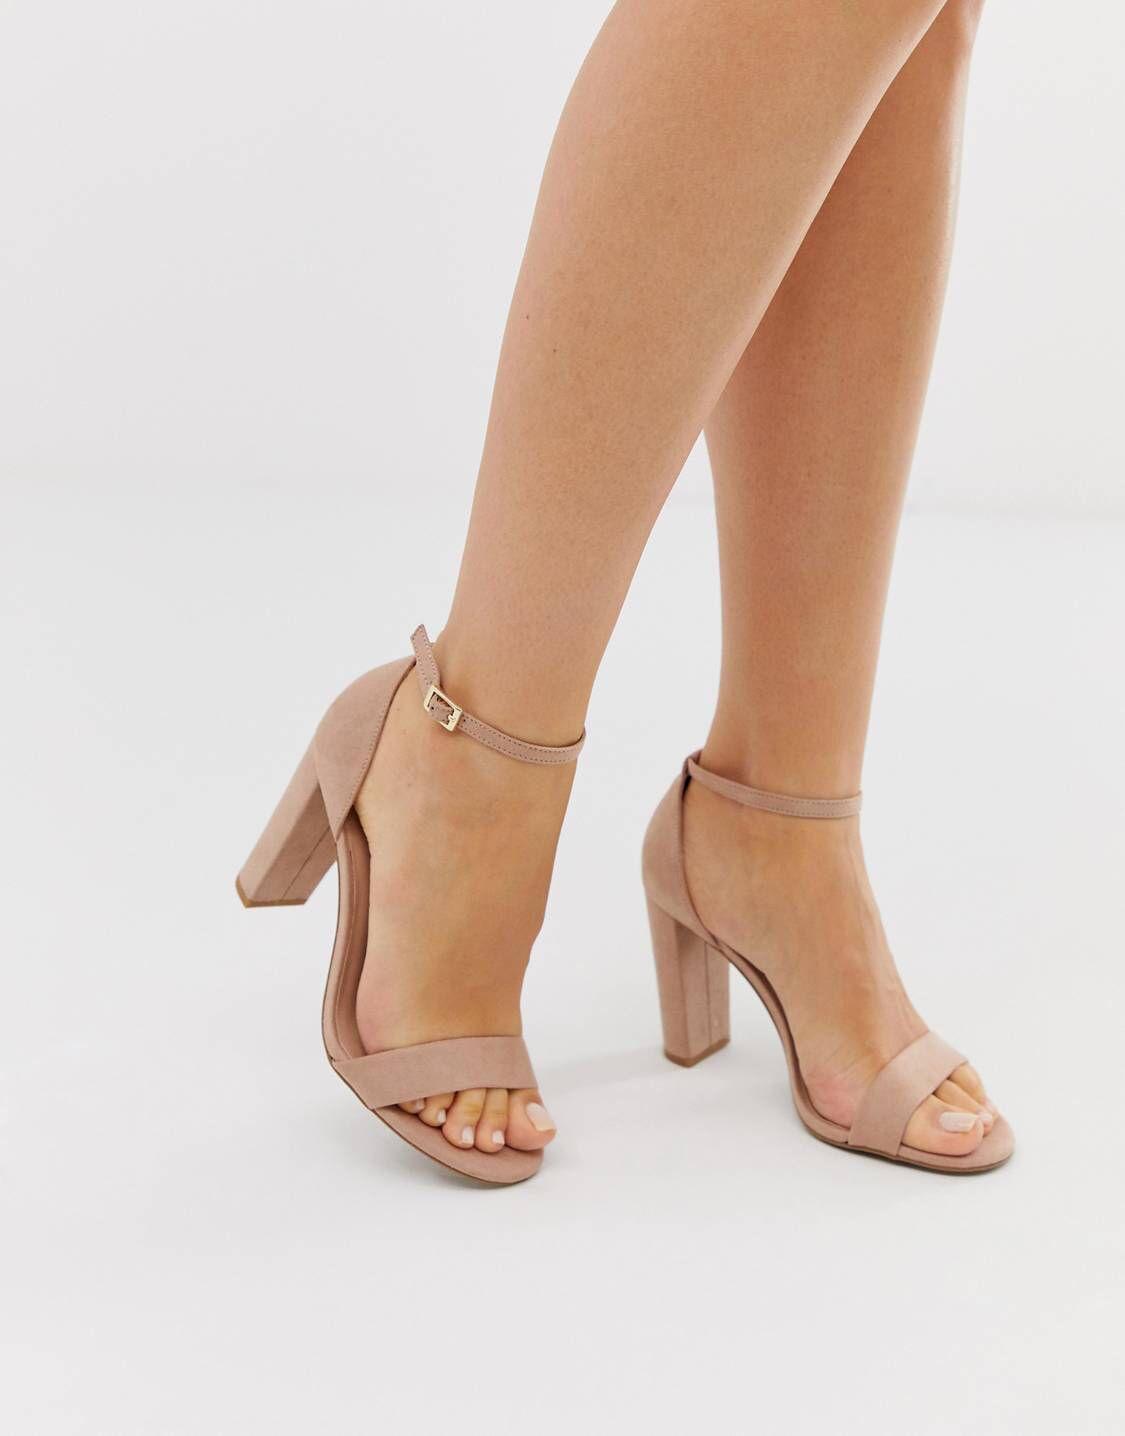 Tan block heel sandals, Tan block heels